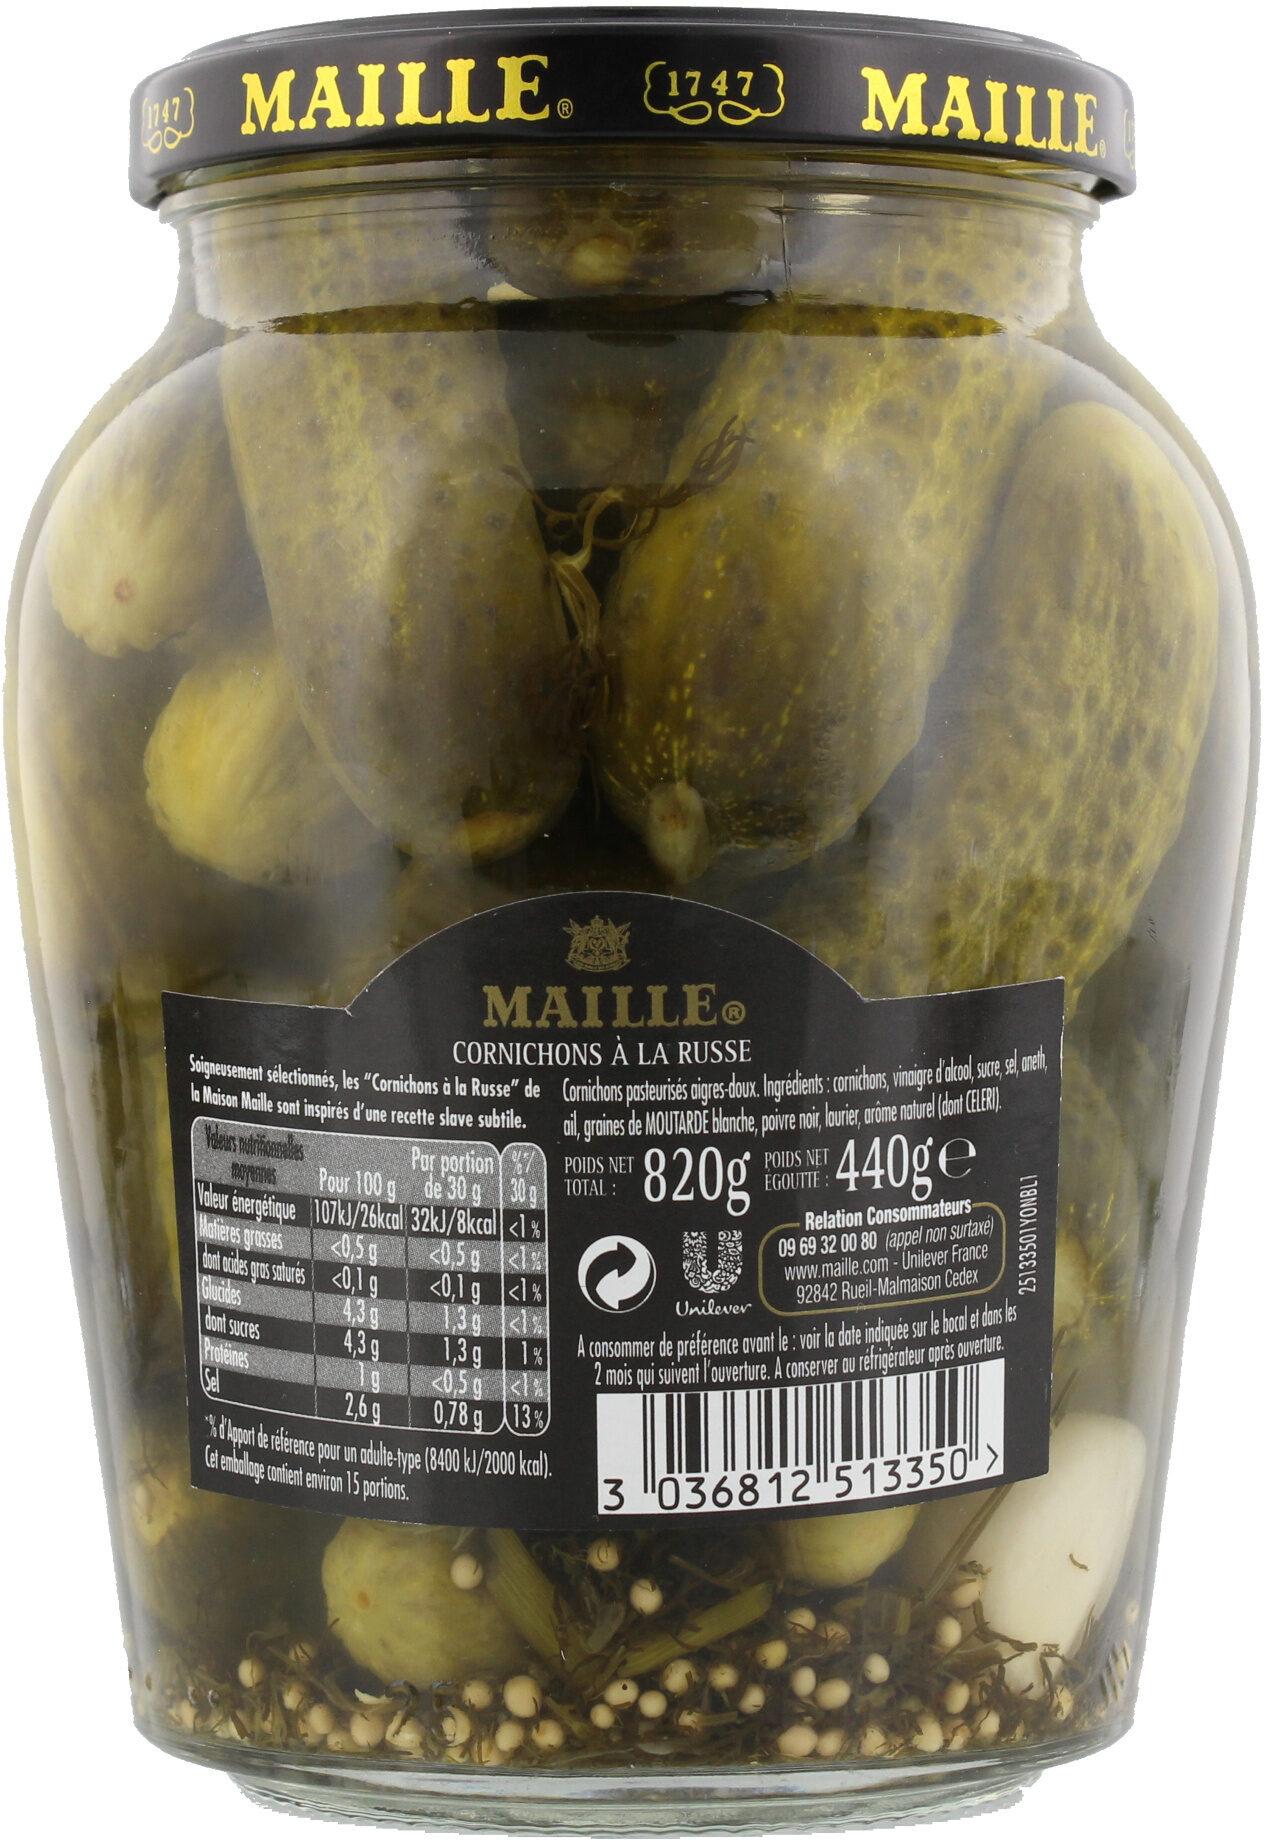 Maille Cornichons à la Russe Bocal 440g - Informations nutritionnelles